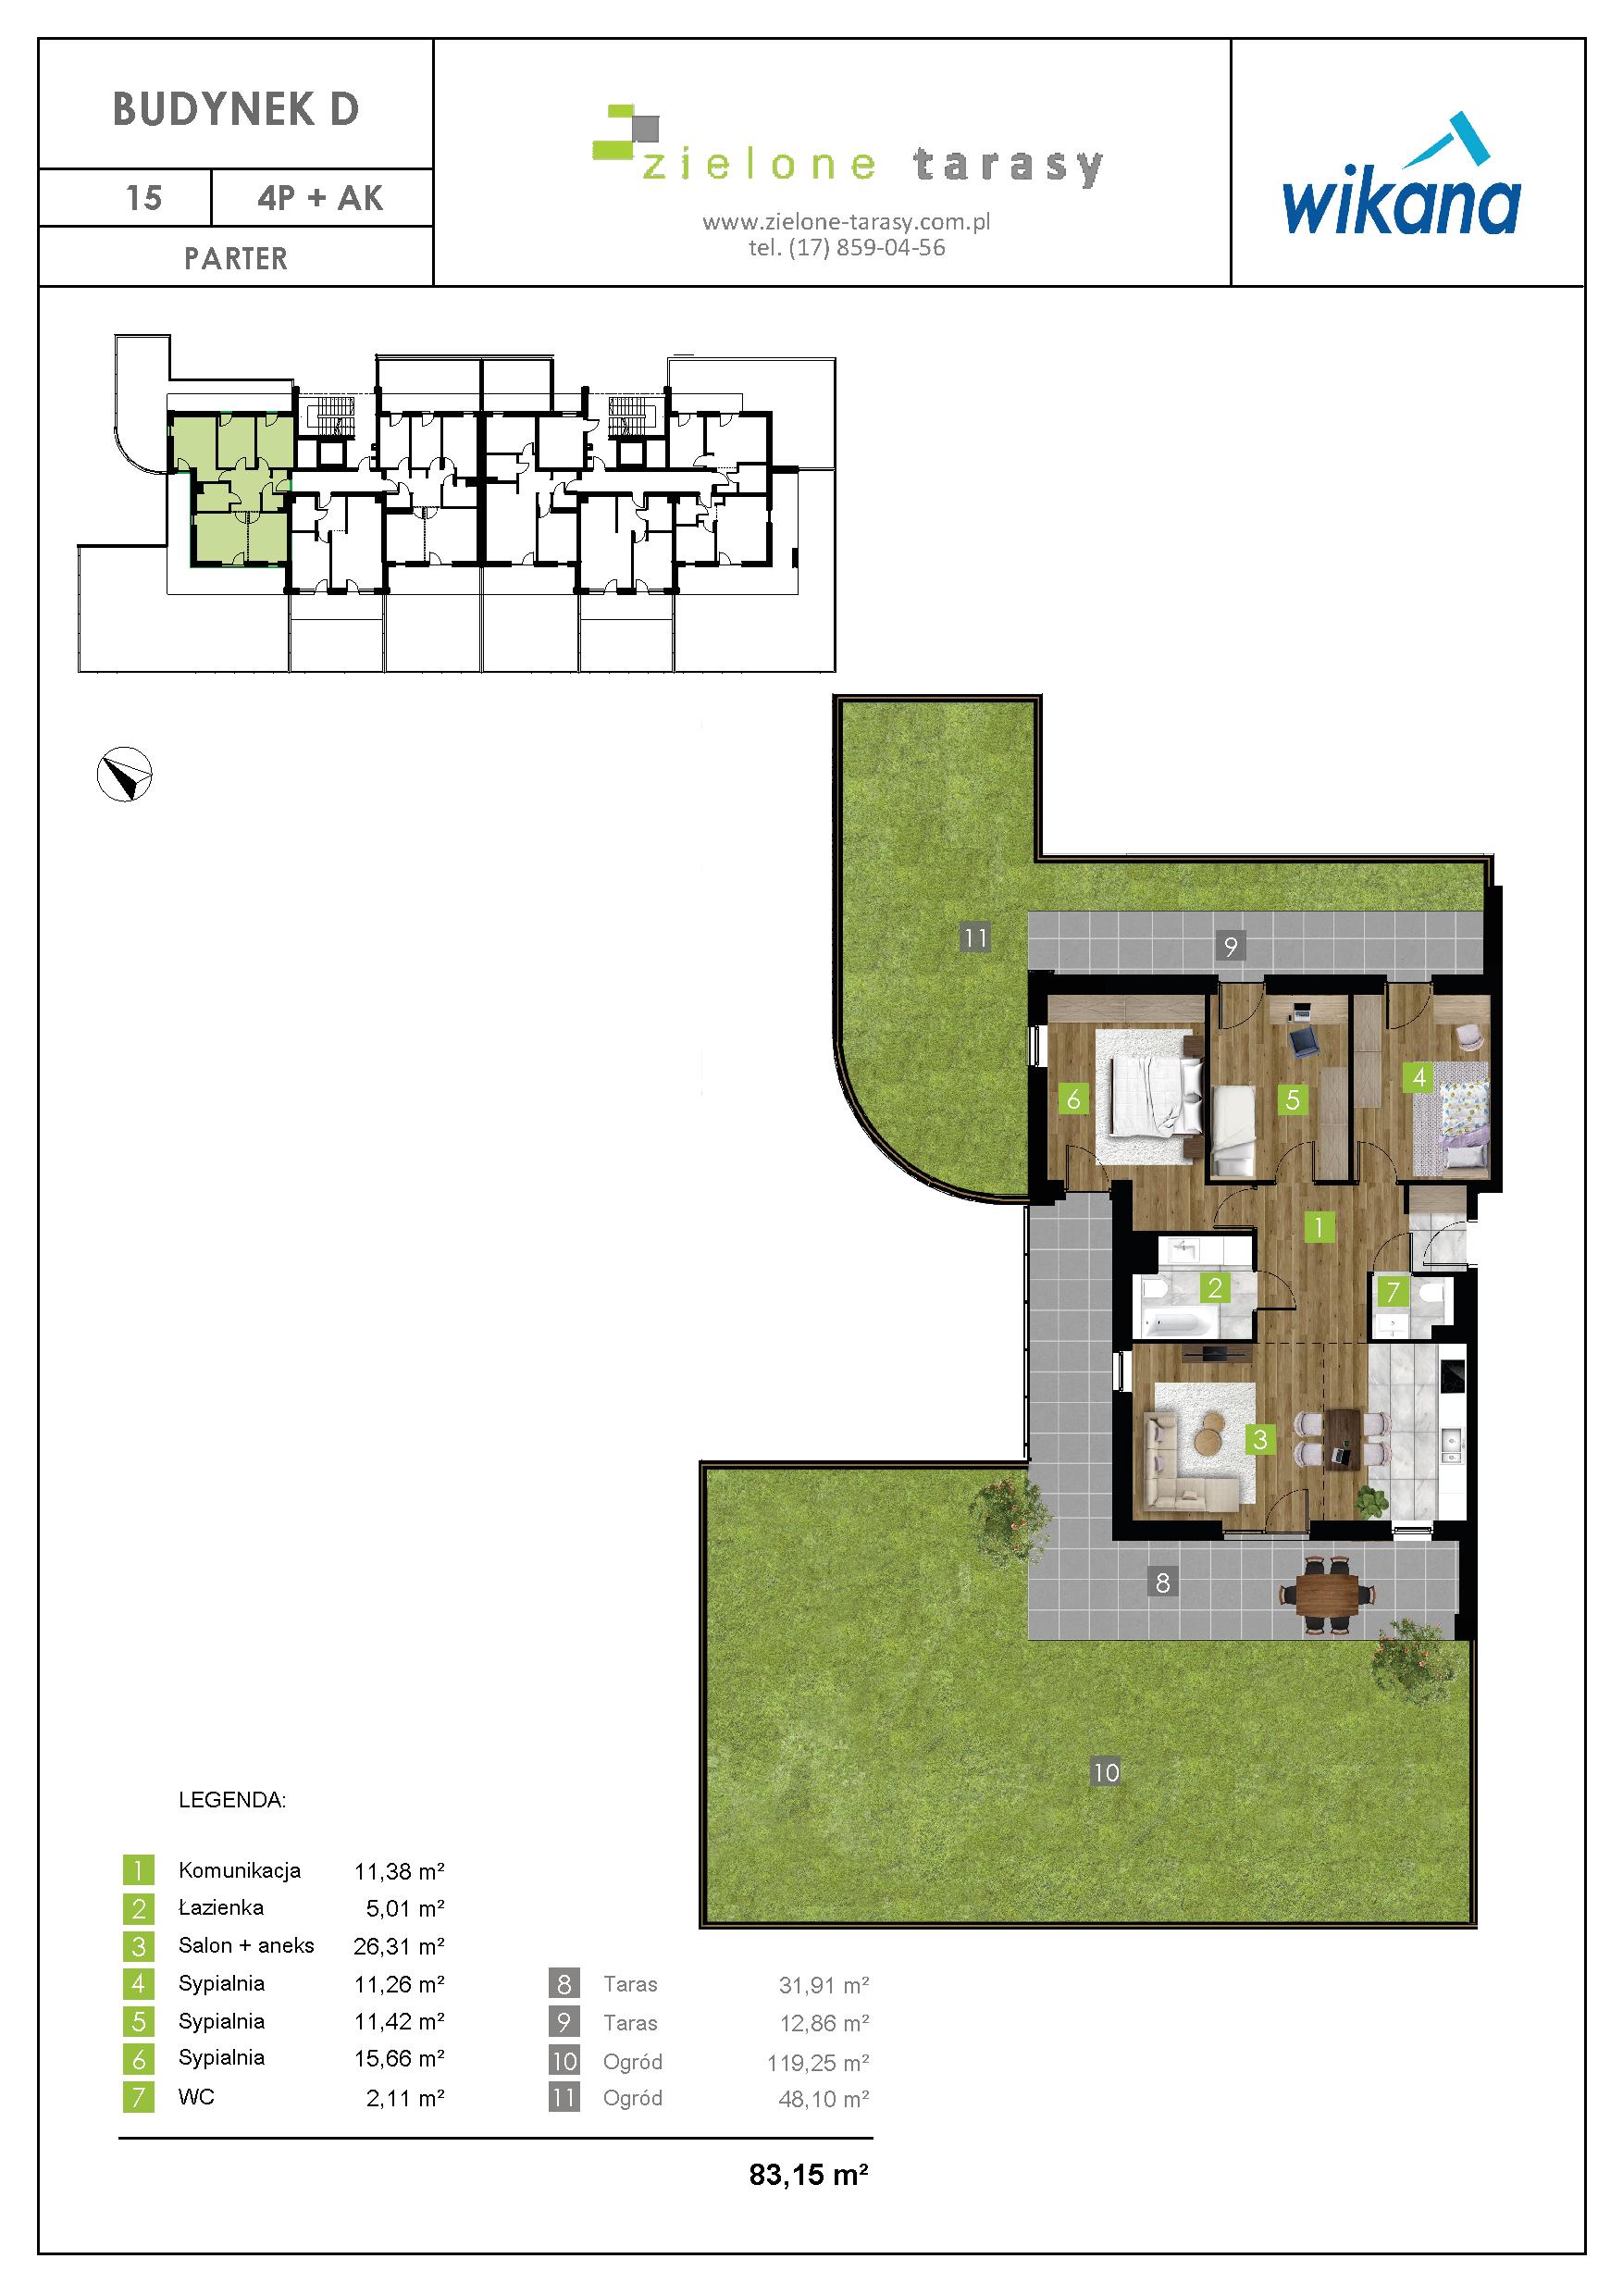 sprzedaż mieszkań rzeszów - D-15